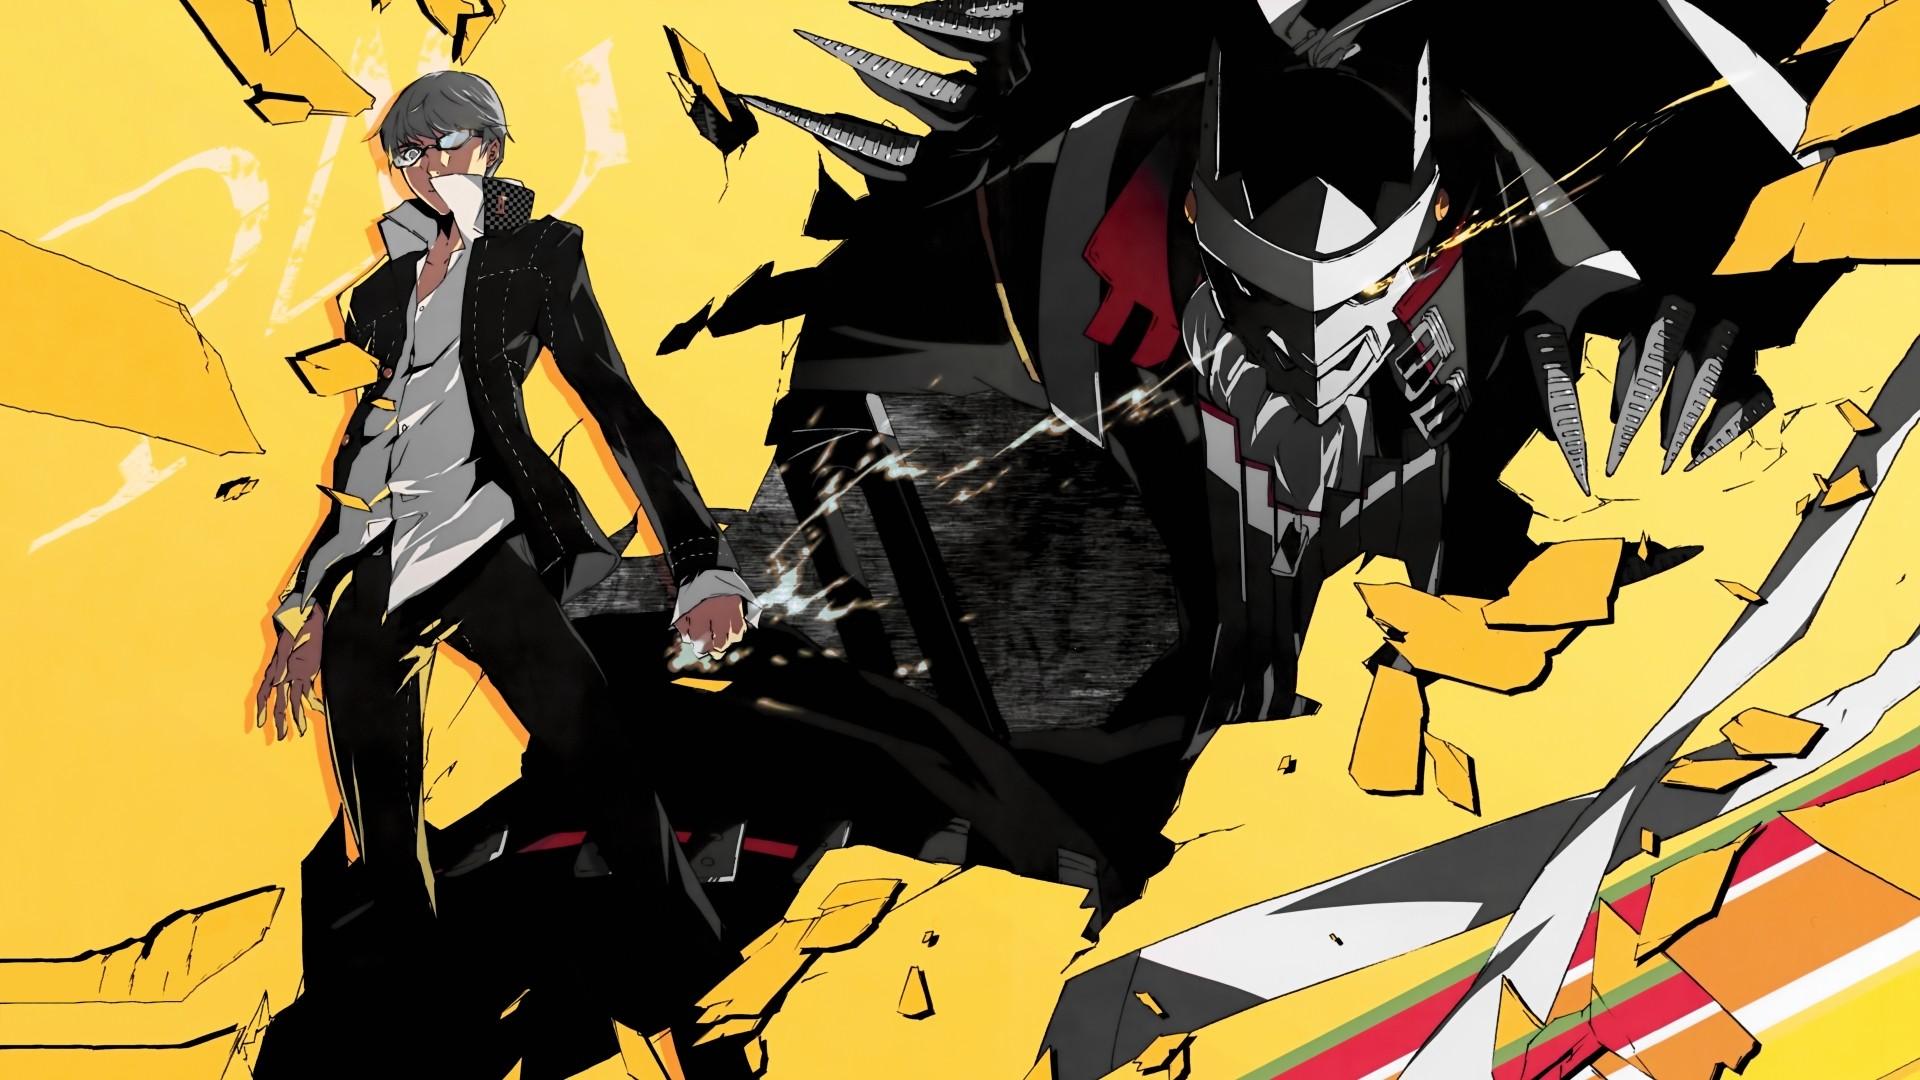 デスクトップ壁紙 図 ビデオゲーム アニメ ペルソナ4 真女神転生